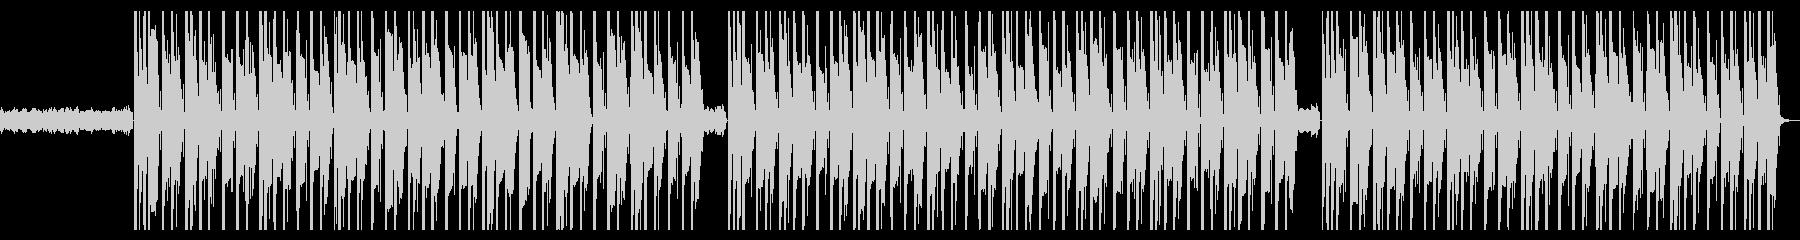 ダーク、ハード、ギター、ヒップホップの未再生の波形